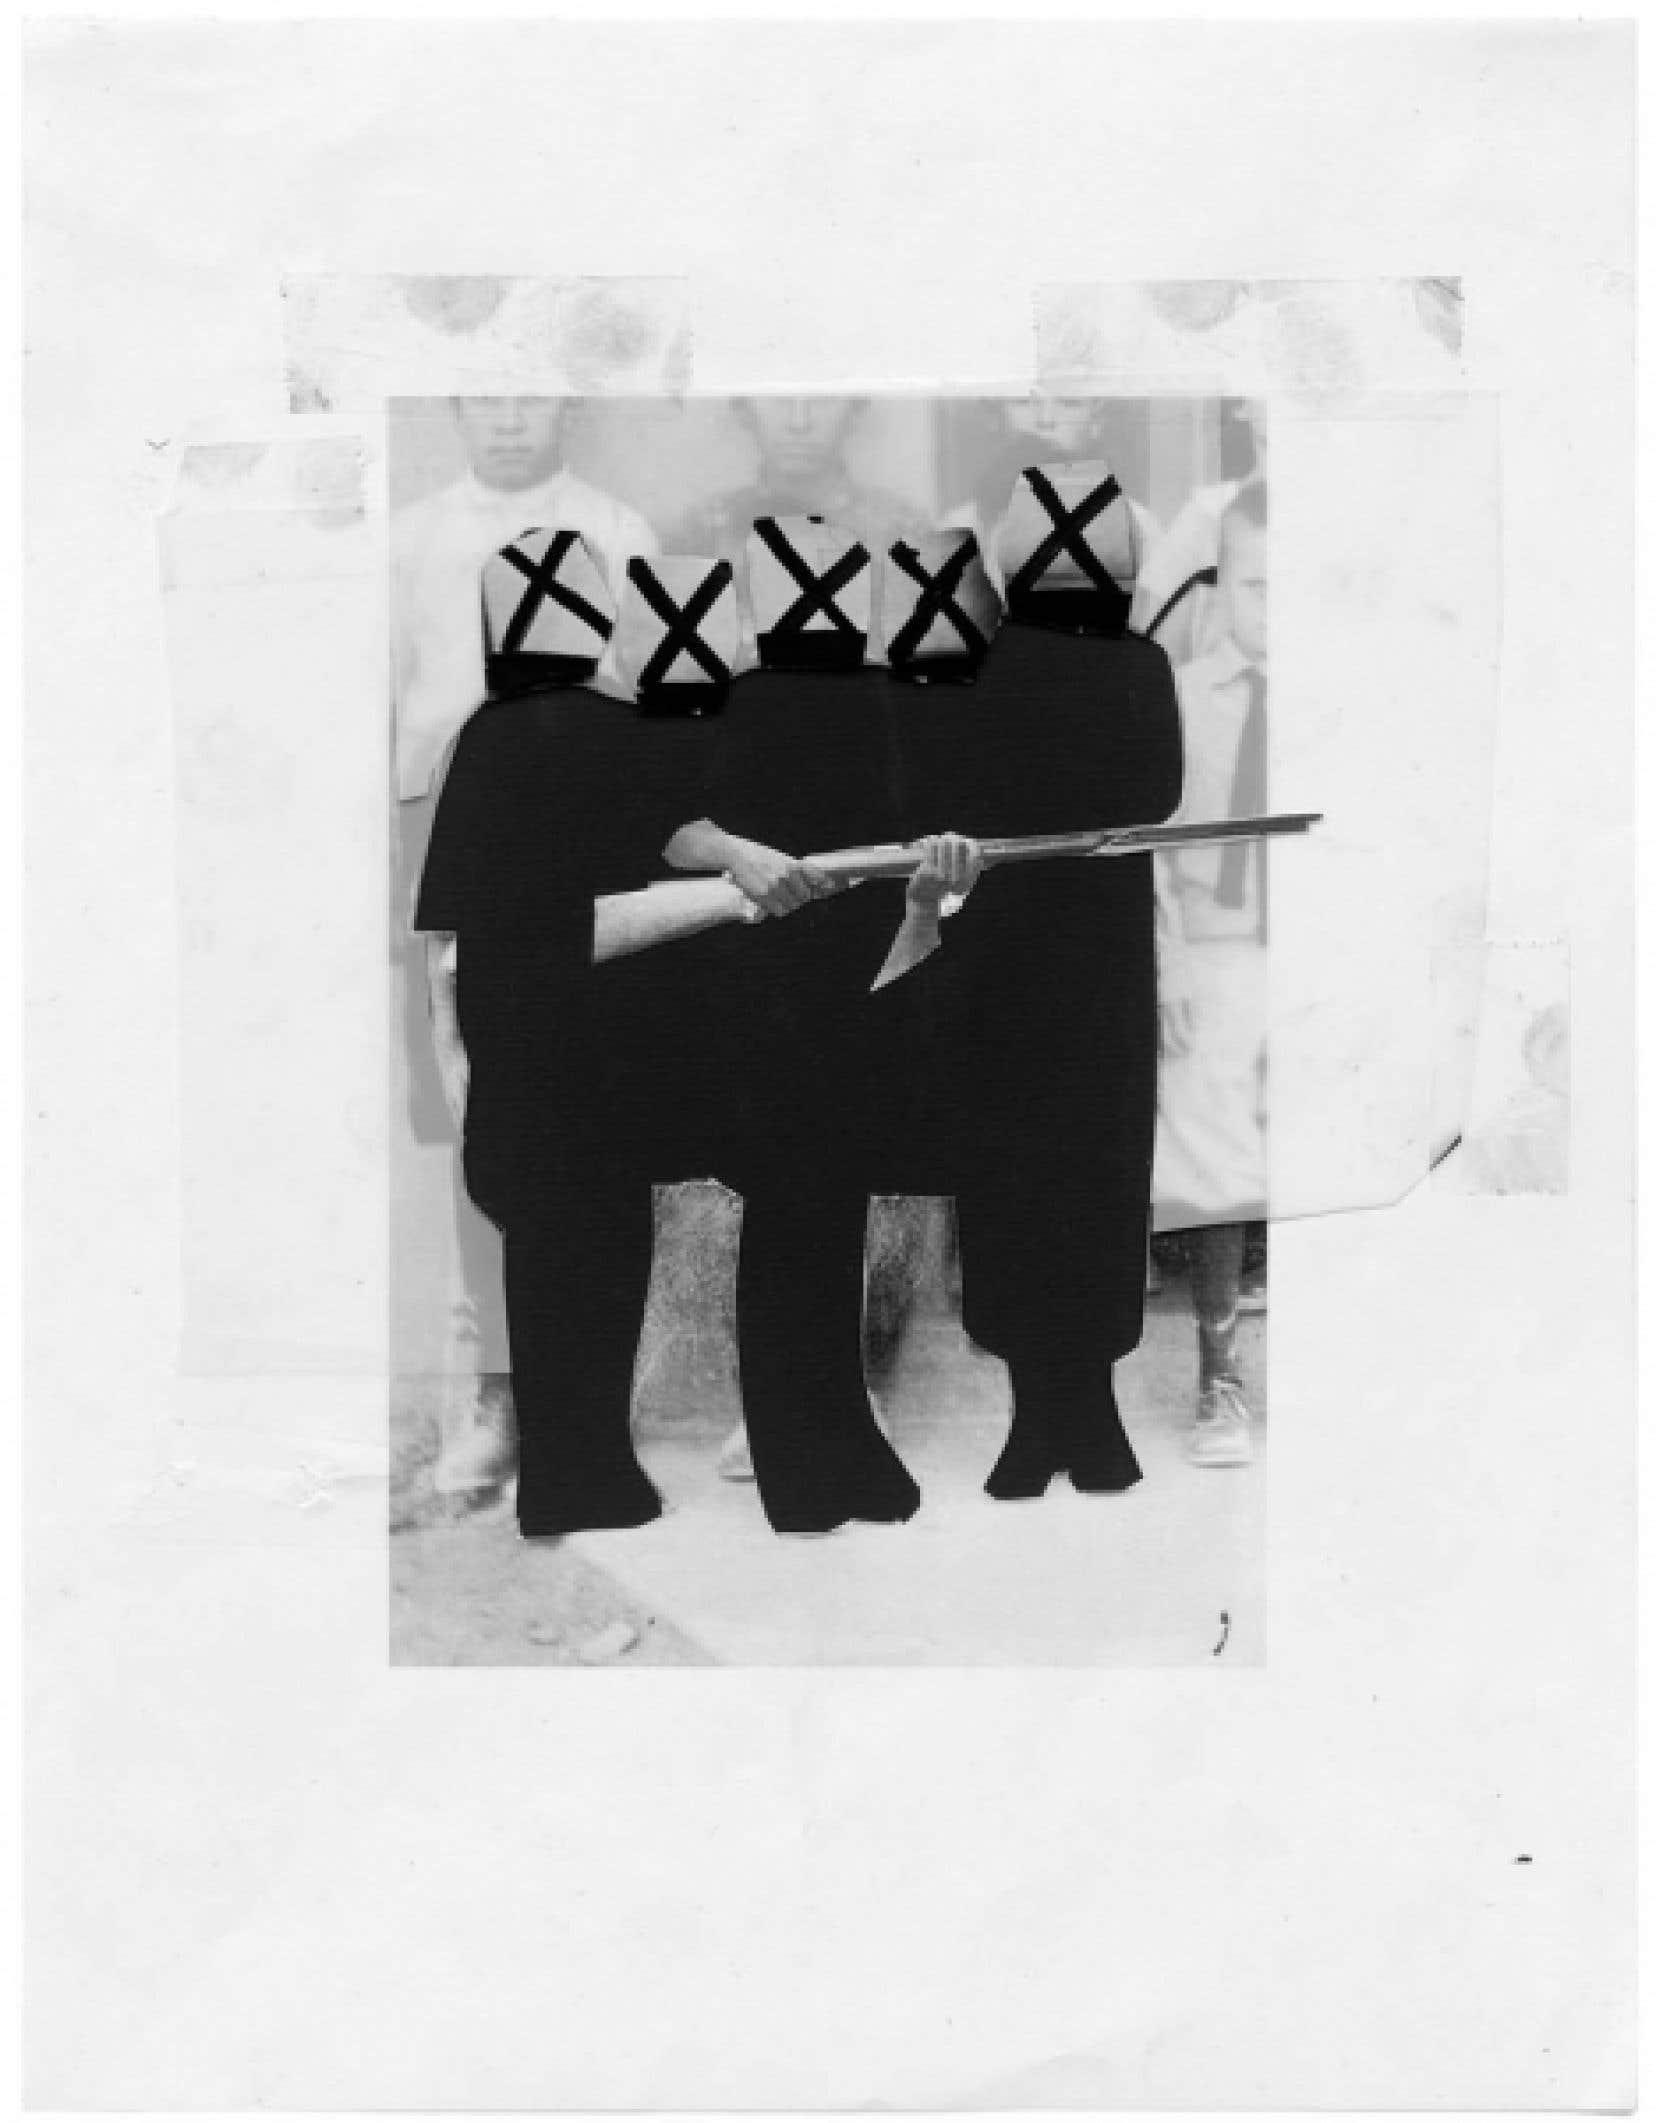 Collage de Sophie Jodoin, 2009-2010. Conté, coupures de magazines, impression jet d'encre, Mylar sur papier, 28 x 21,5 cm<br />